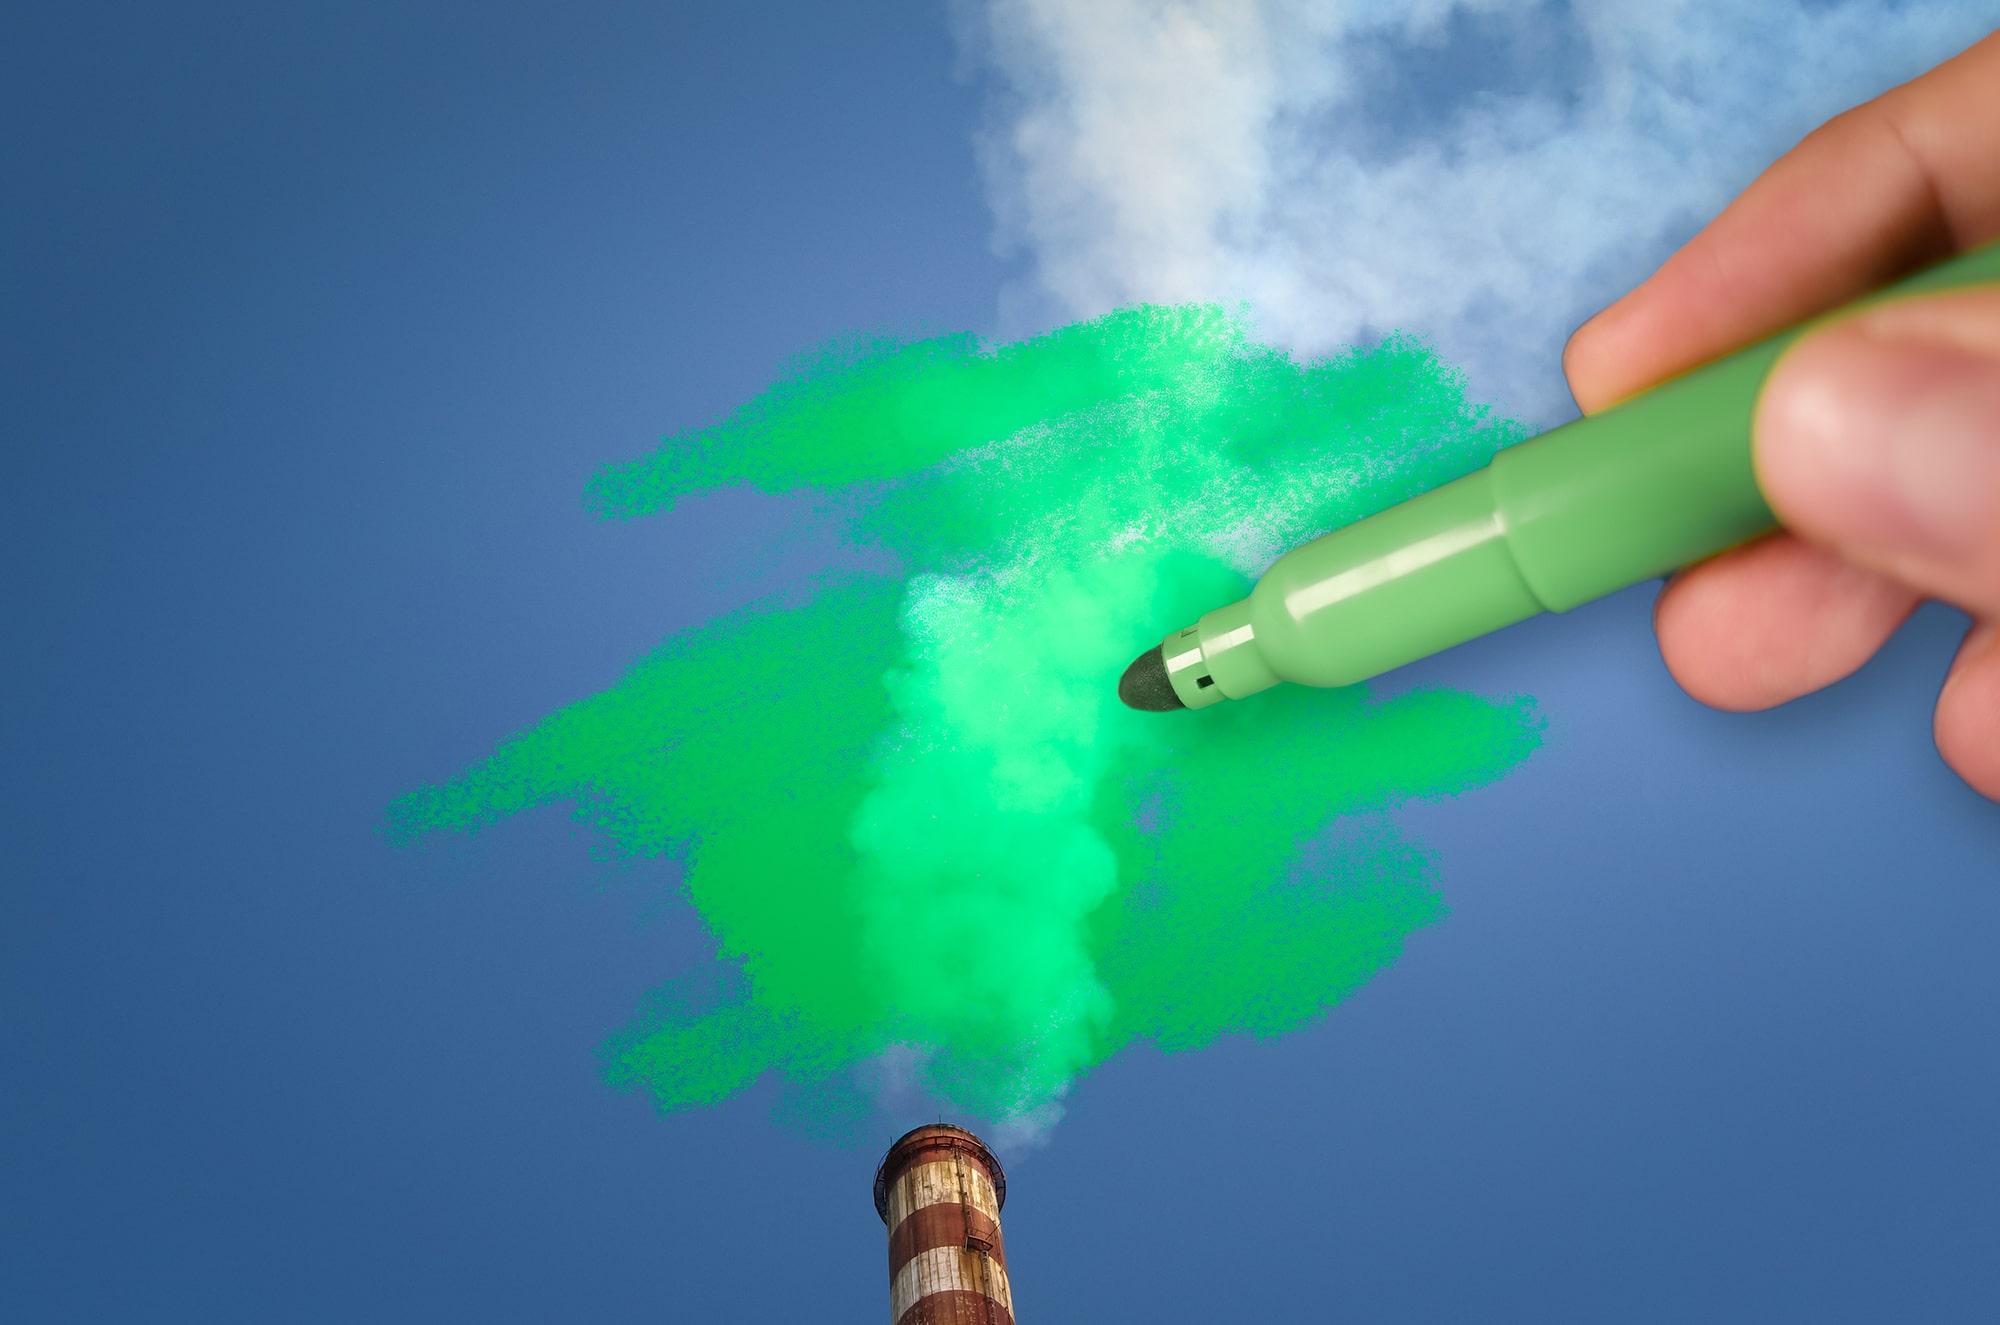 Aus einem Fabrikschornstein kommt weißer Rauch raus. Dieser wird mit einem grünen Stift angemalt.